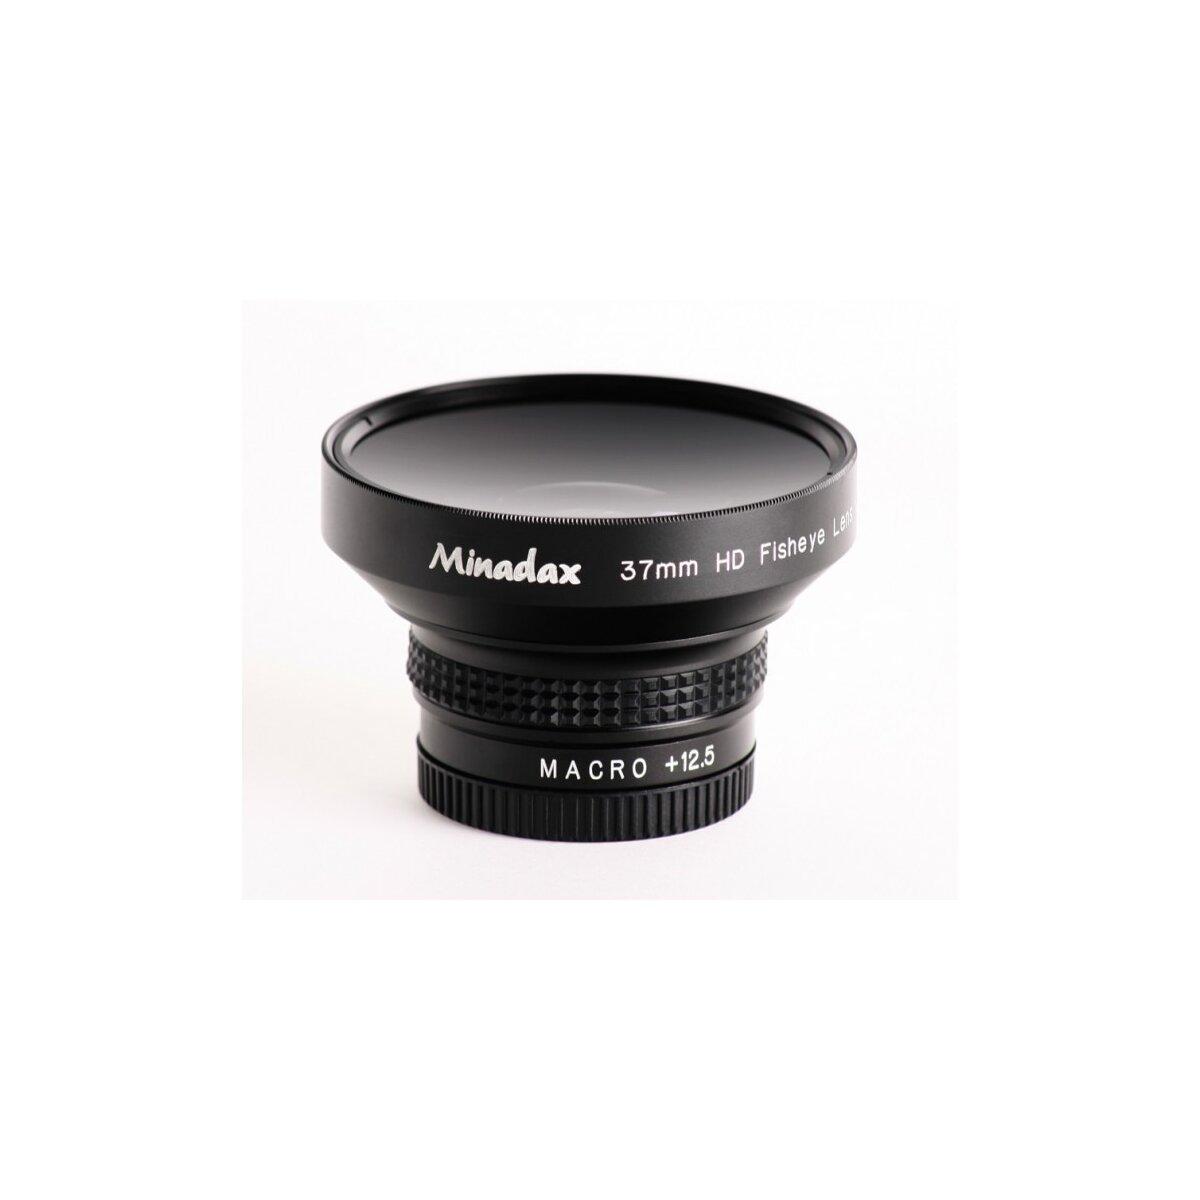 0.25x Minadax Fisheye Vorsatz kompatibel mit Samsung VP-D381, VP-D391, VP-DC161W, VP-DC163, VP-DC165W, VP-DC171 - schwarz